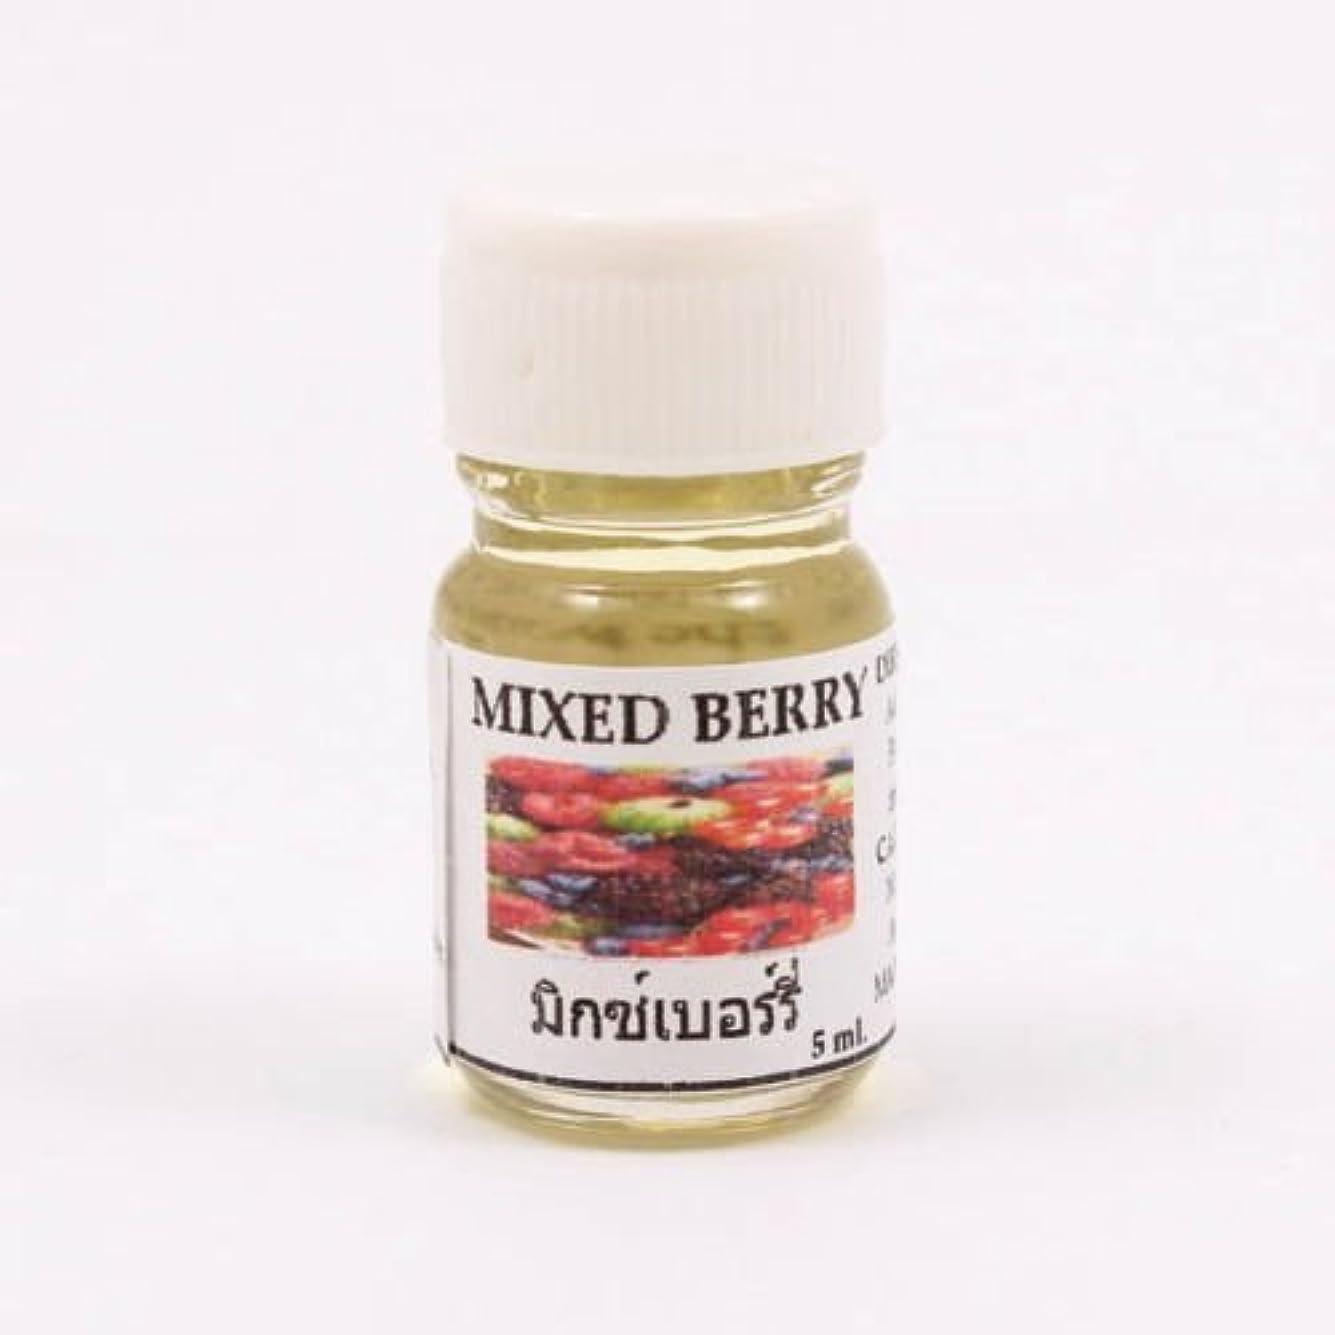 リスクめるサーマル6X Mixed Berry Aroma Fragrance Essential Oil 5ML Diffuser Burner Therapy